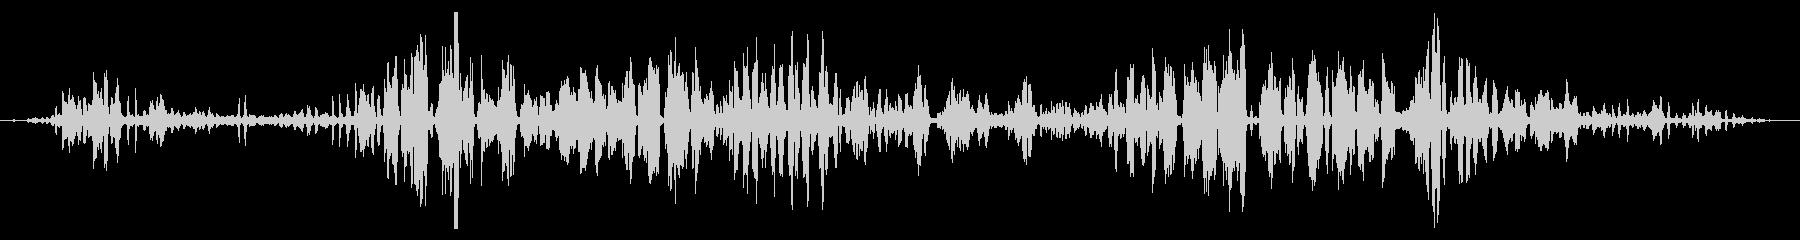 ガチョウとアヒルのグループ:ヘビーコールの未再生の波形